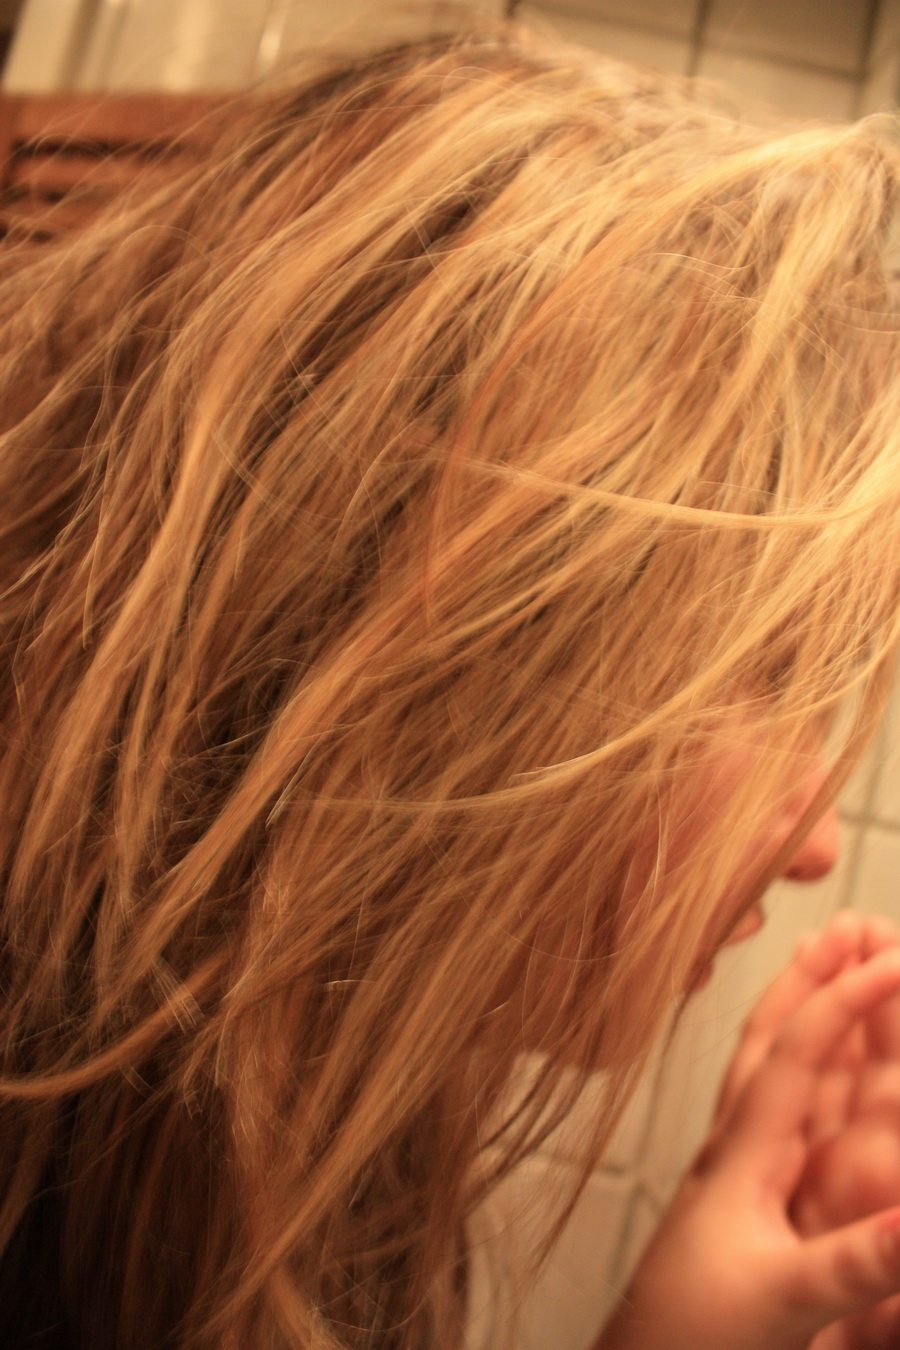 Morning hair - Nov09